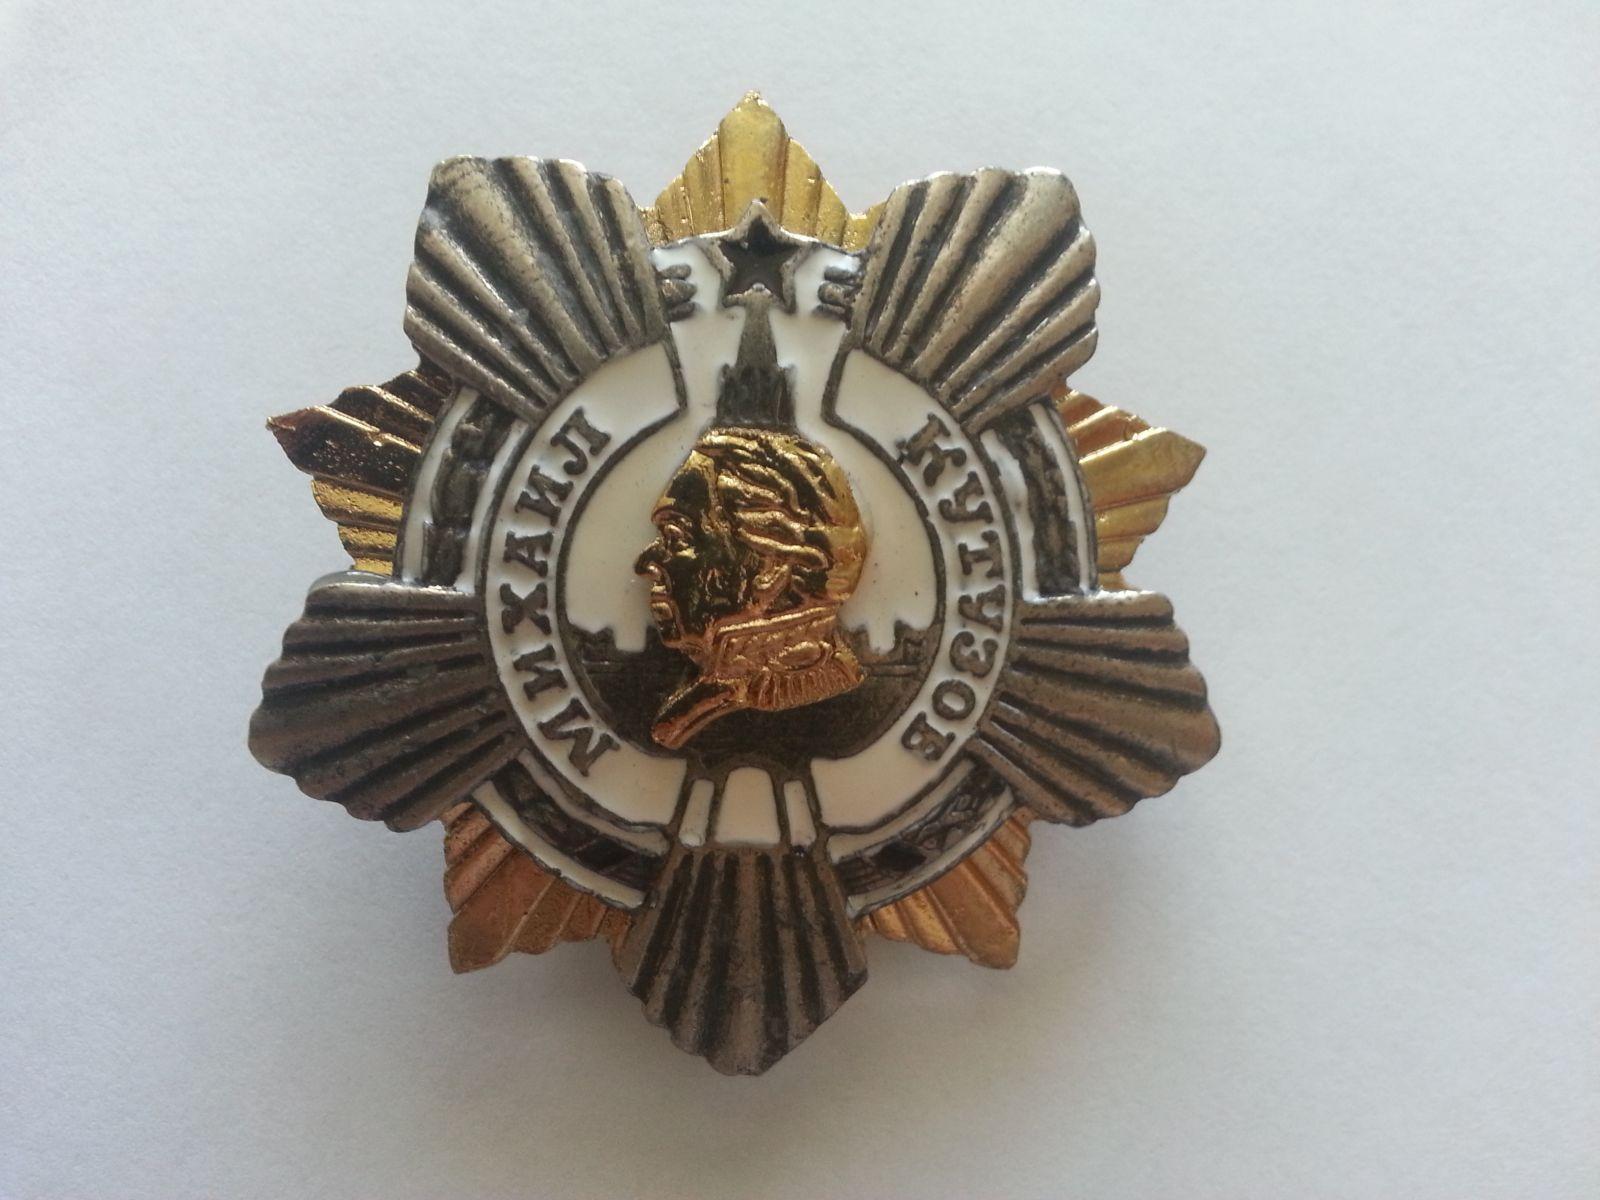 záslužná hvězda generála Kutuzova, Rusko KOPIE